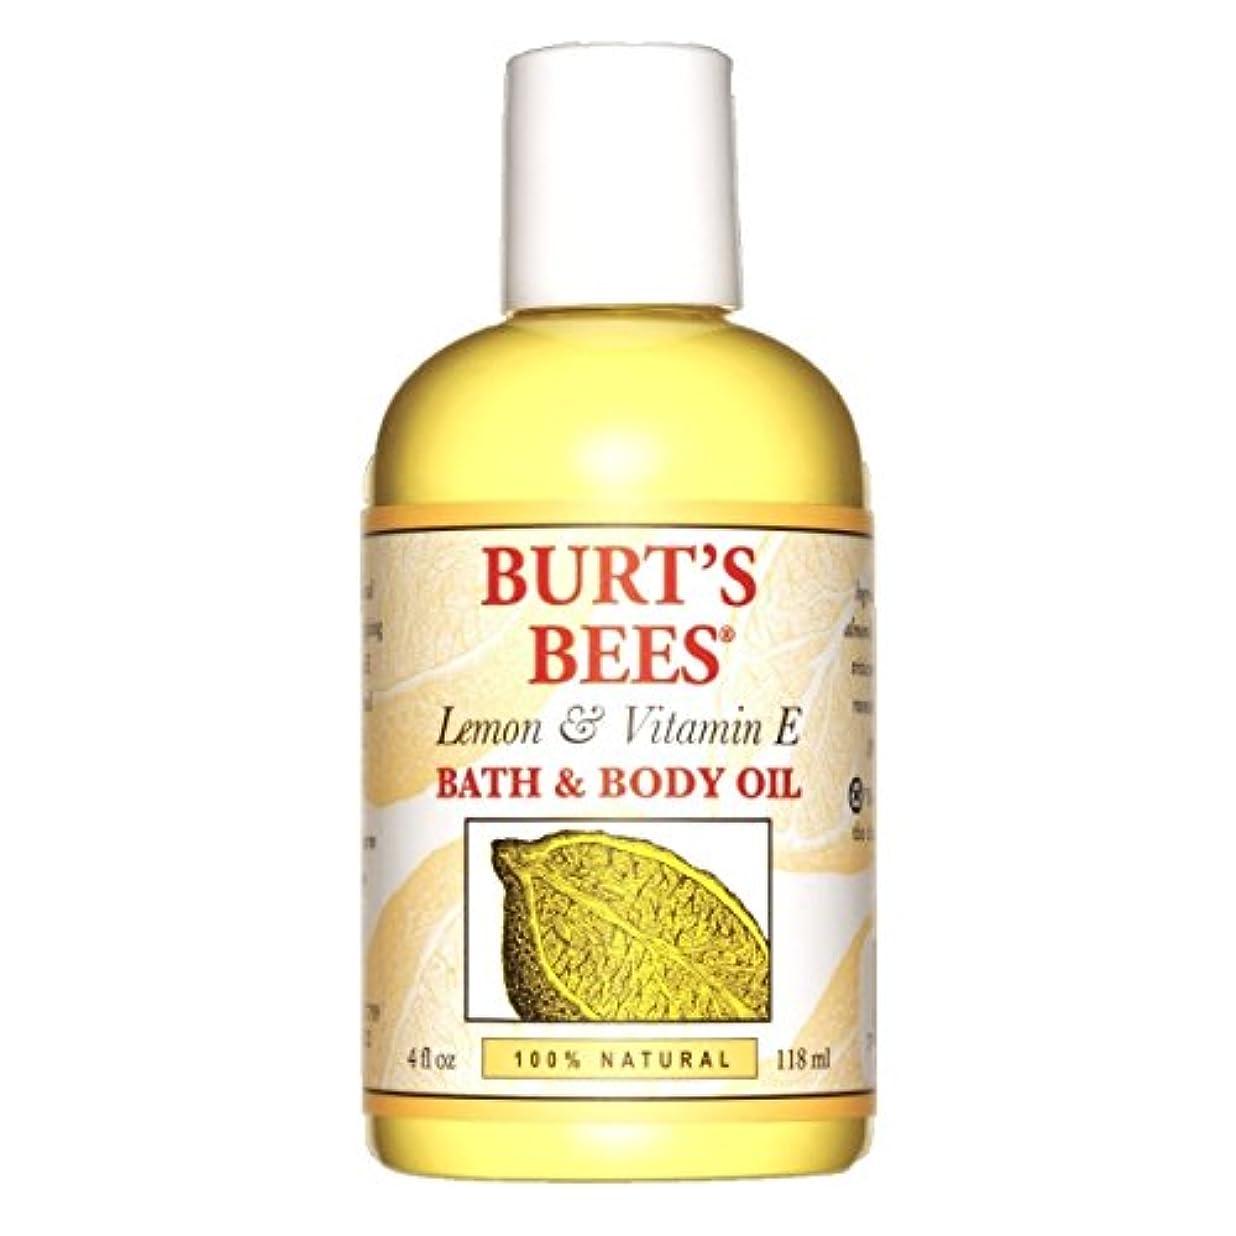 サルベージルーキーバッフルバーツビーズ(Burt's Bees) レモン&ビタミンE バスアンドボディオイル 118ml [海外直送品][並行輸入品]